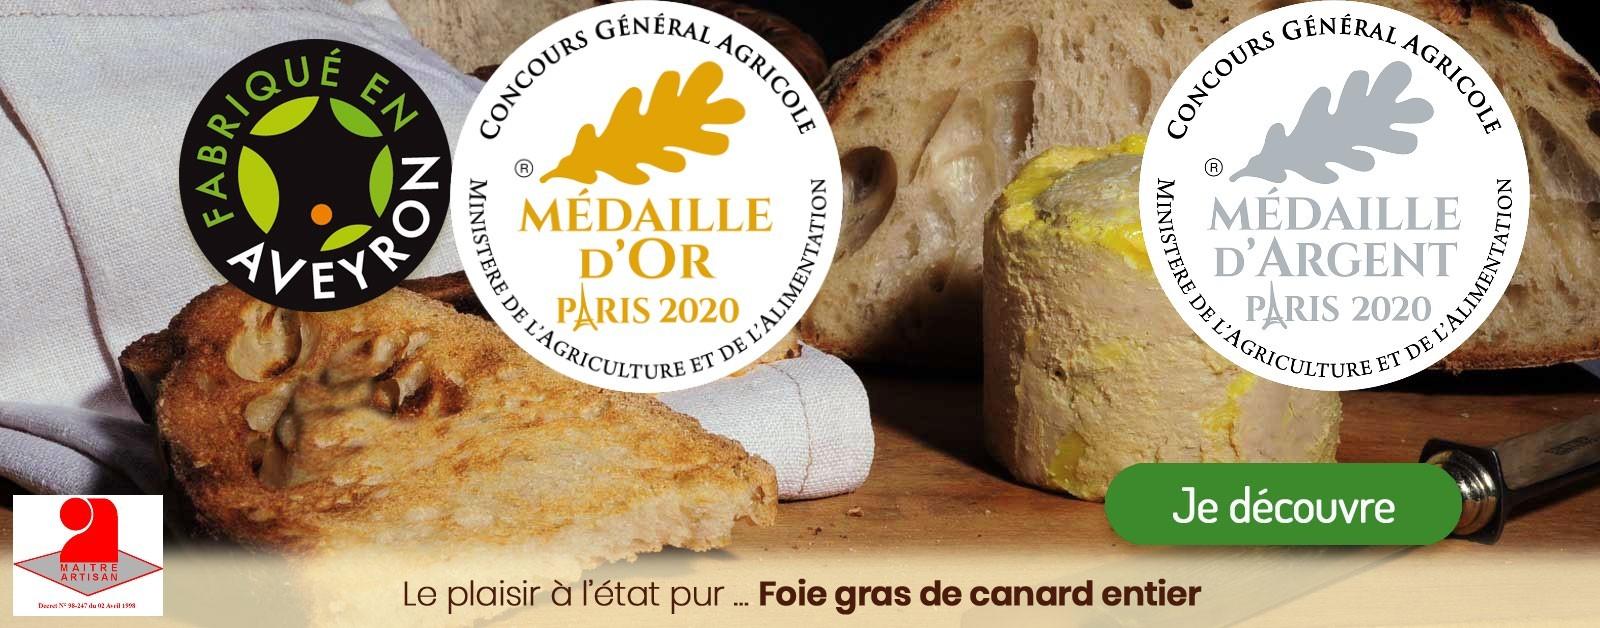 Une nouvelle médaille d'or et une nouvelle médaille d'argent 2020 pour le foie gras de canard entier de La Drosera Gourmande